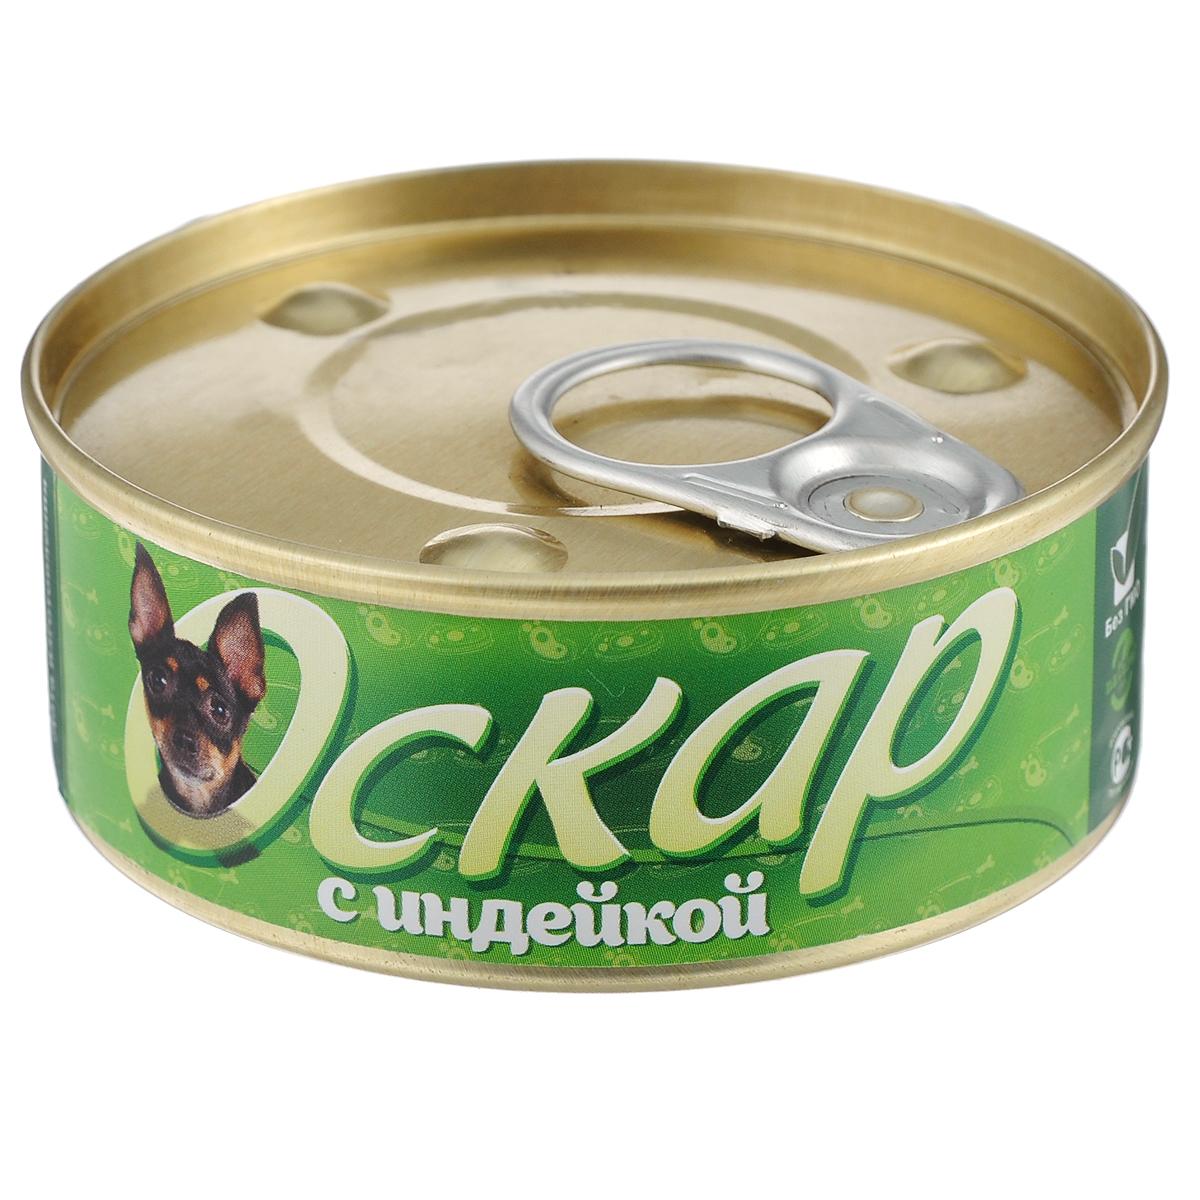 Консервы для собак Оскар, с индейкой, 100 г0120710Консервы для собак Оскар изготовлены из натурального мясного сырья. Не содержат сои, ароматизаторов, искусственных красителей, ГМО. Состав: говядина, мясо птицы, субпродукты, растительное масло, натуральная желирующая добавка, вода. Пищевая ценность (100 г): протеин 14%, жир 4%, углеводы 4%, клетчатка 0,1%, зола 2%, влага 80%. Энергетическая ценность (на 100 г): 108 кКал. Товар сертифицирован.